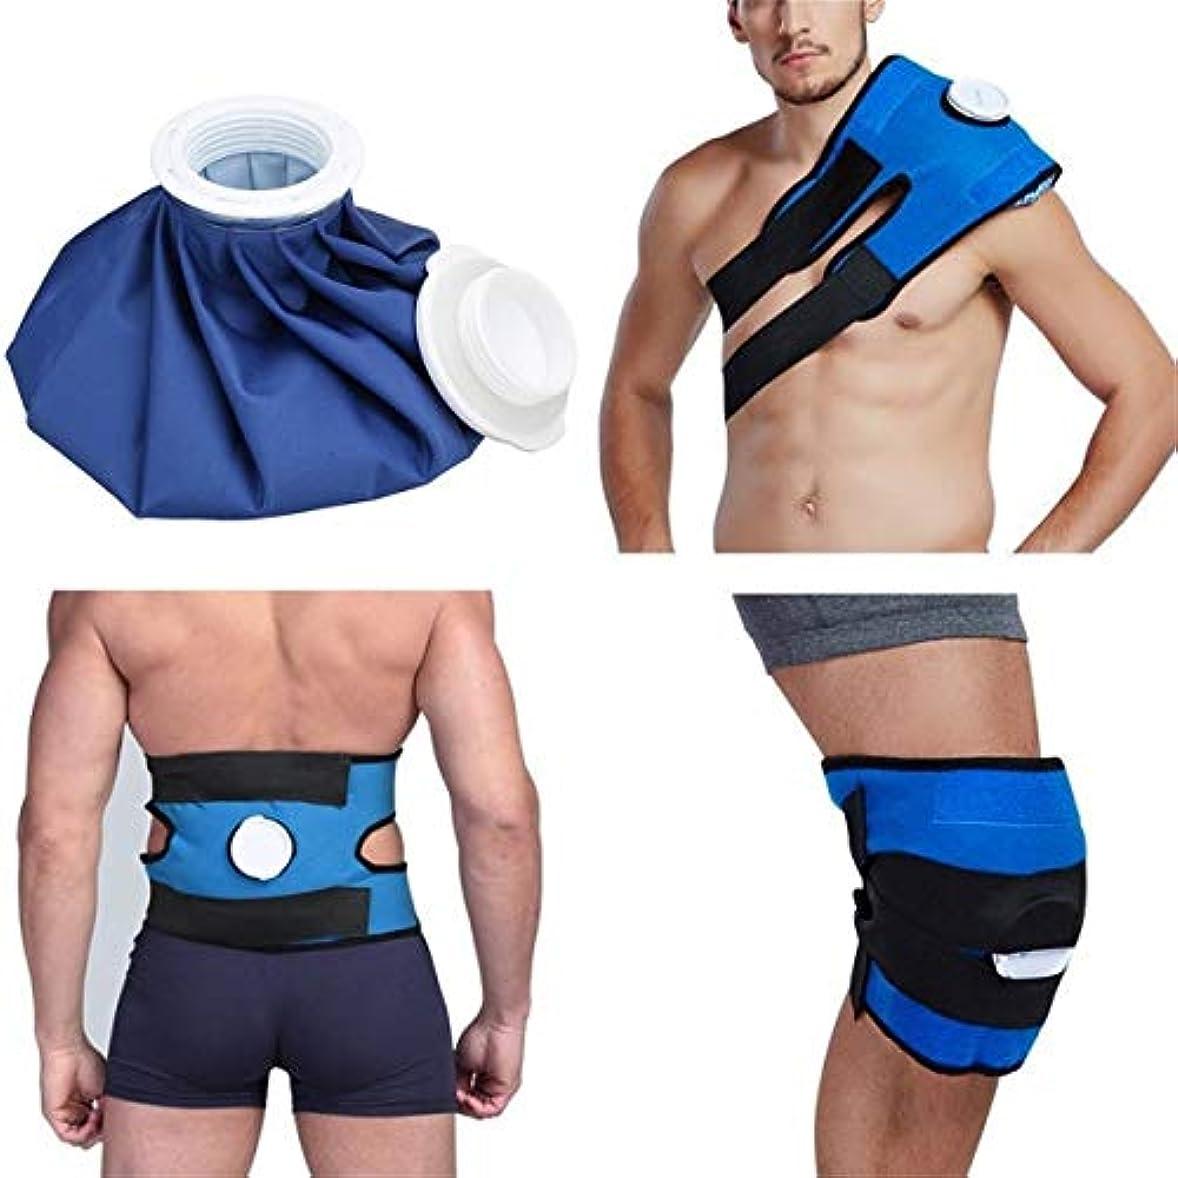 評価可能超えてデンマーク語小型サイズの再使用可能なヘルスケアの膝の頭部の足の筋肉スポーツ傷害の軽減の痛みのアイスバッグ包帯が付いている無毒なアイスパック